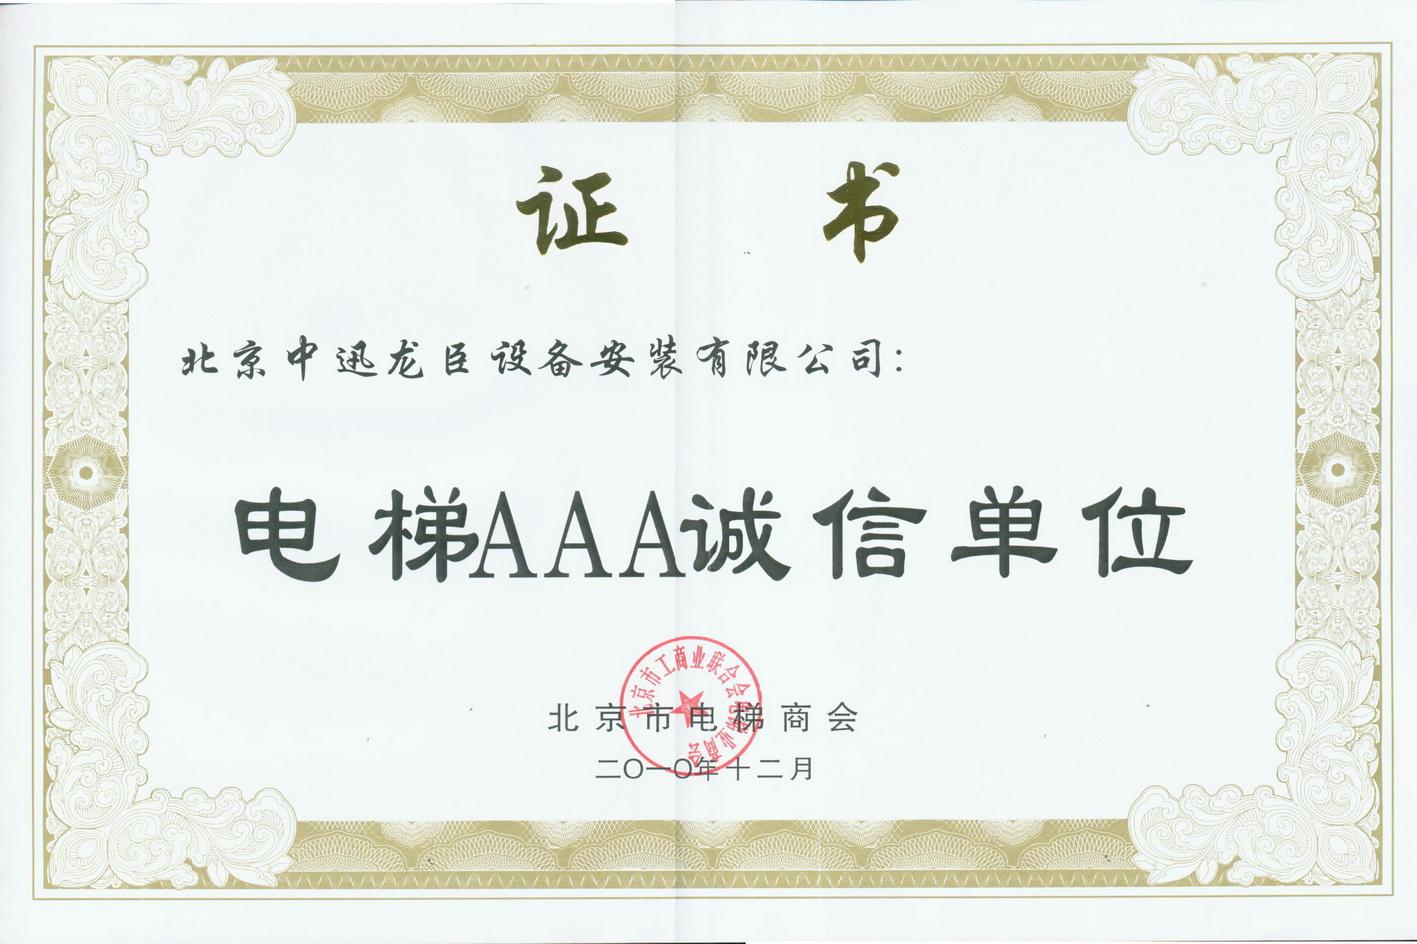 2010年必威体育AAA诚信单位